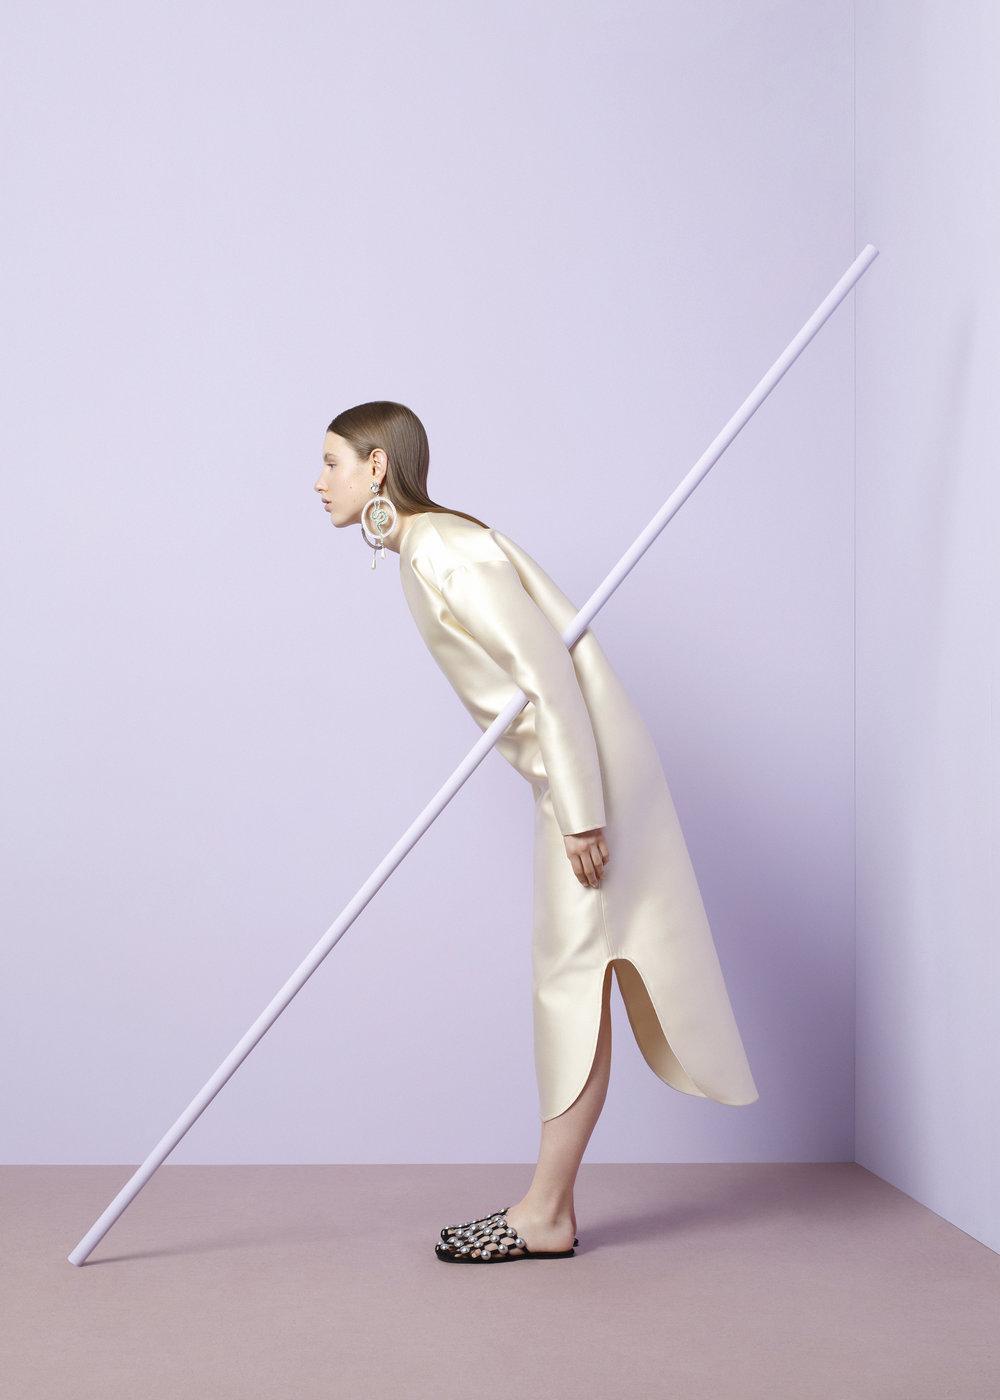 OFFBLACK MAGAZINE Photography: Lauretta Suter Styling: Victoria Steiner